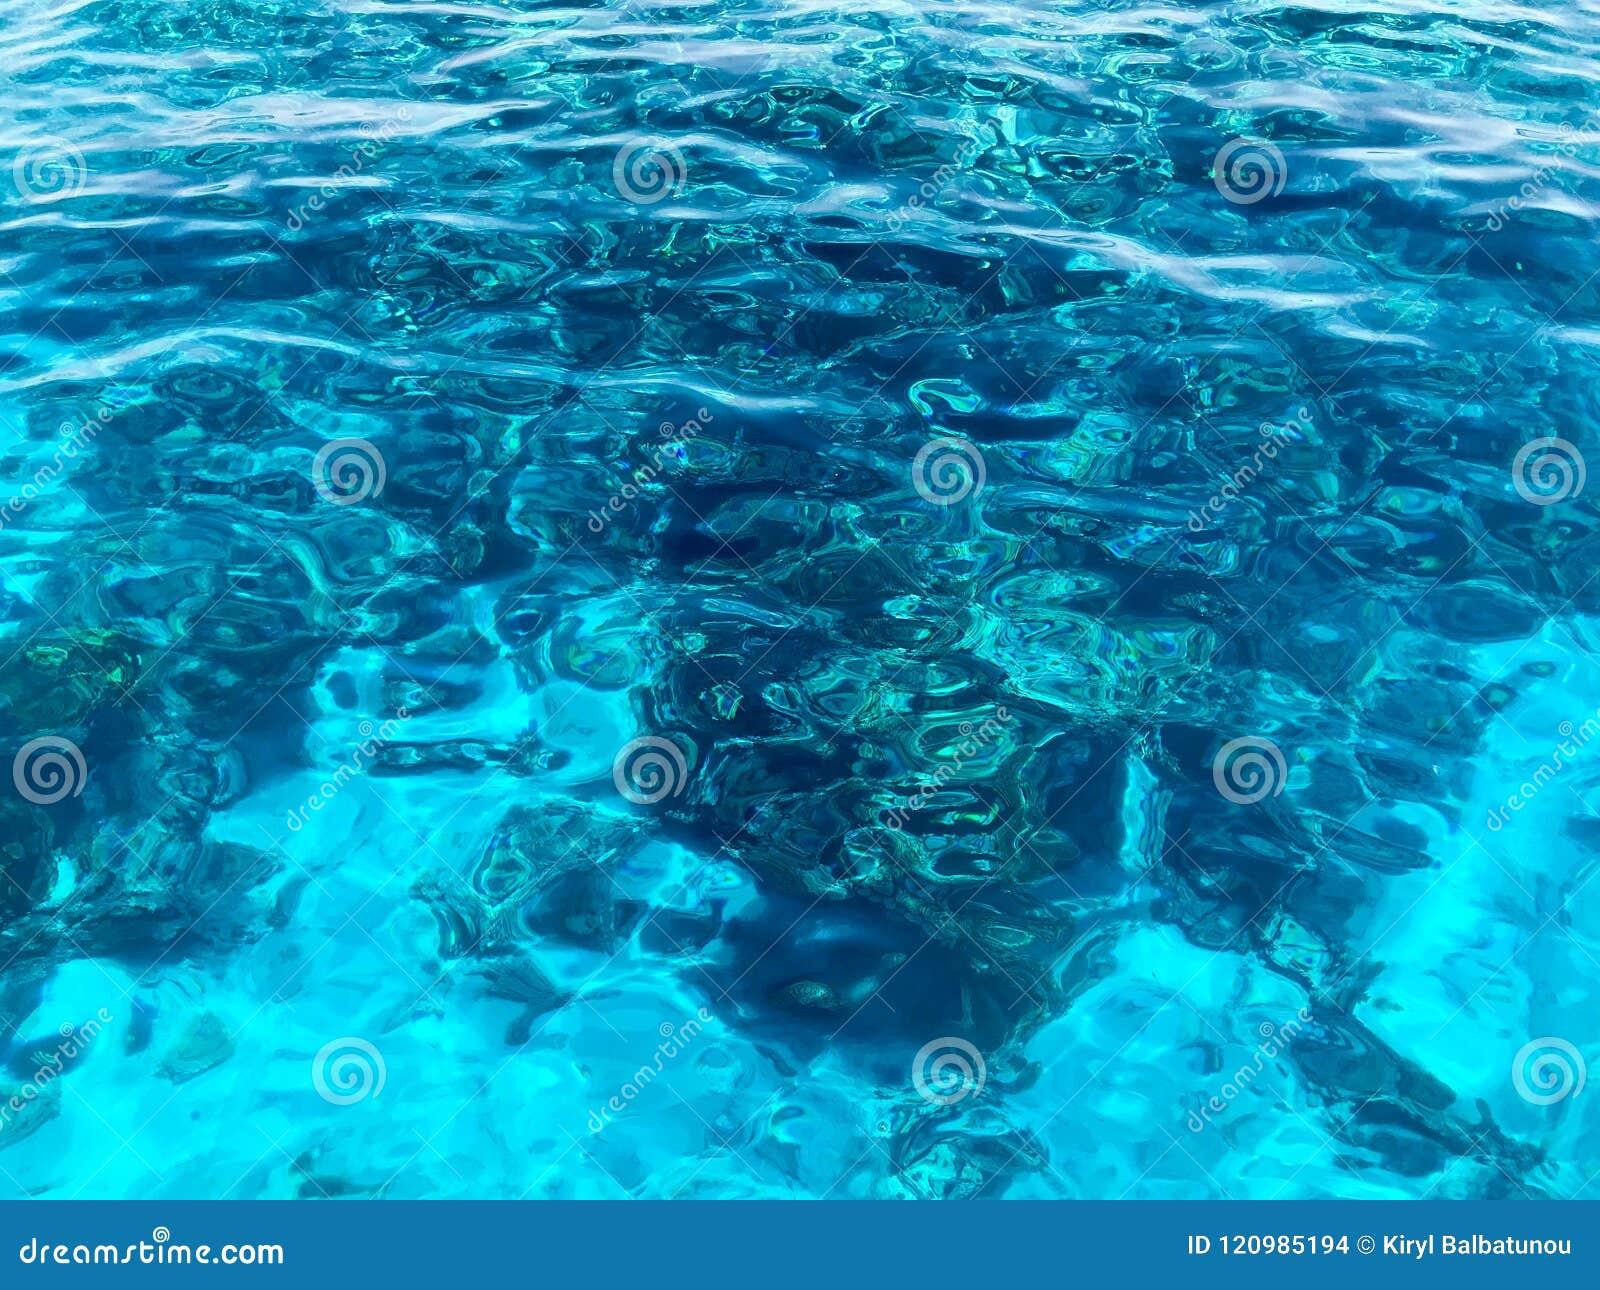 Σύσταση του όμορφου μπλε θάλασσα-διαφανούς διαφανούς υγρός-κιγκλιδώματος, καμμένος θαλασσινό νερό, θάλασσα, ωκεανός, υπόβαθρο της